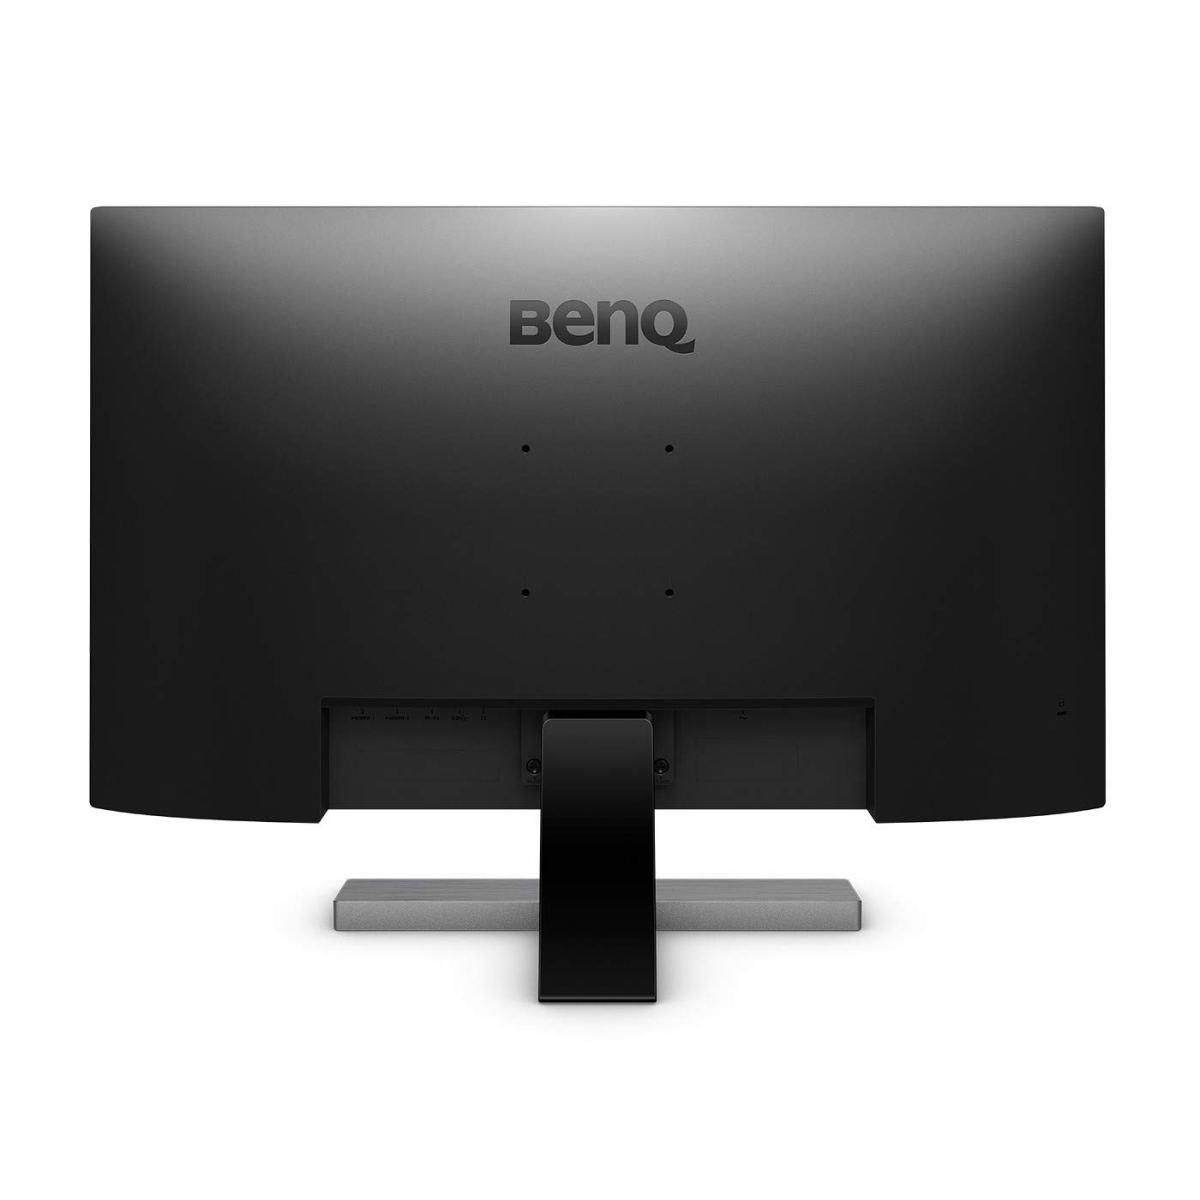 Review BenQ EW3270U, Monitor 4K HDR Terjangkau Untuk <em>Gaming</em> 20 BenQ, BenQ EW3270U, harga, spesifikasi